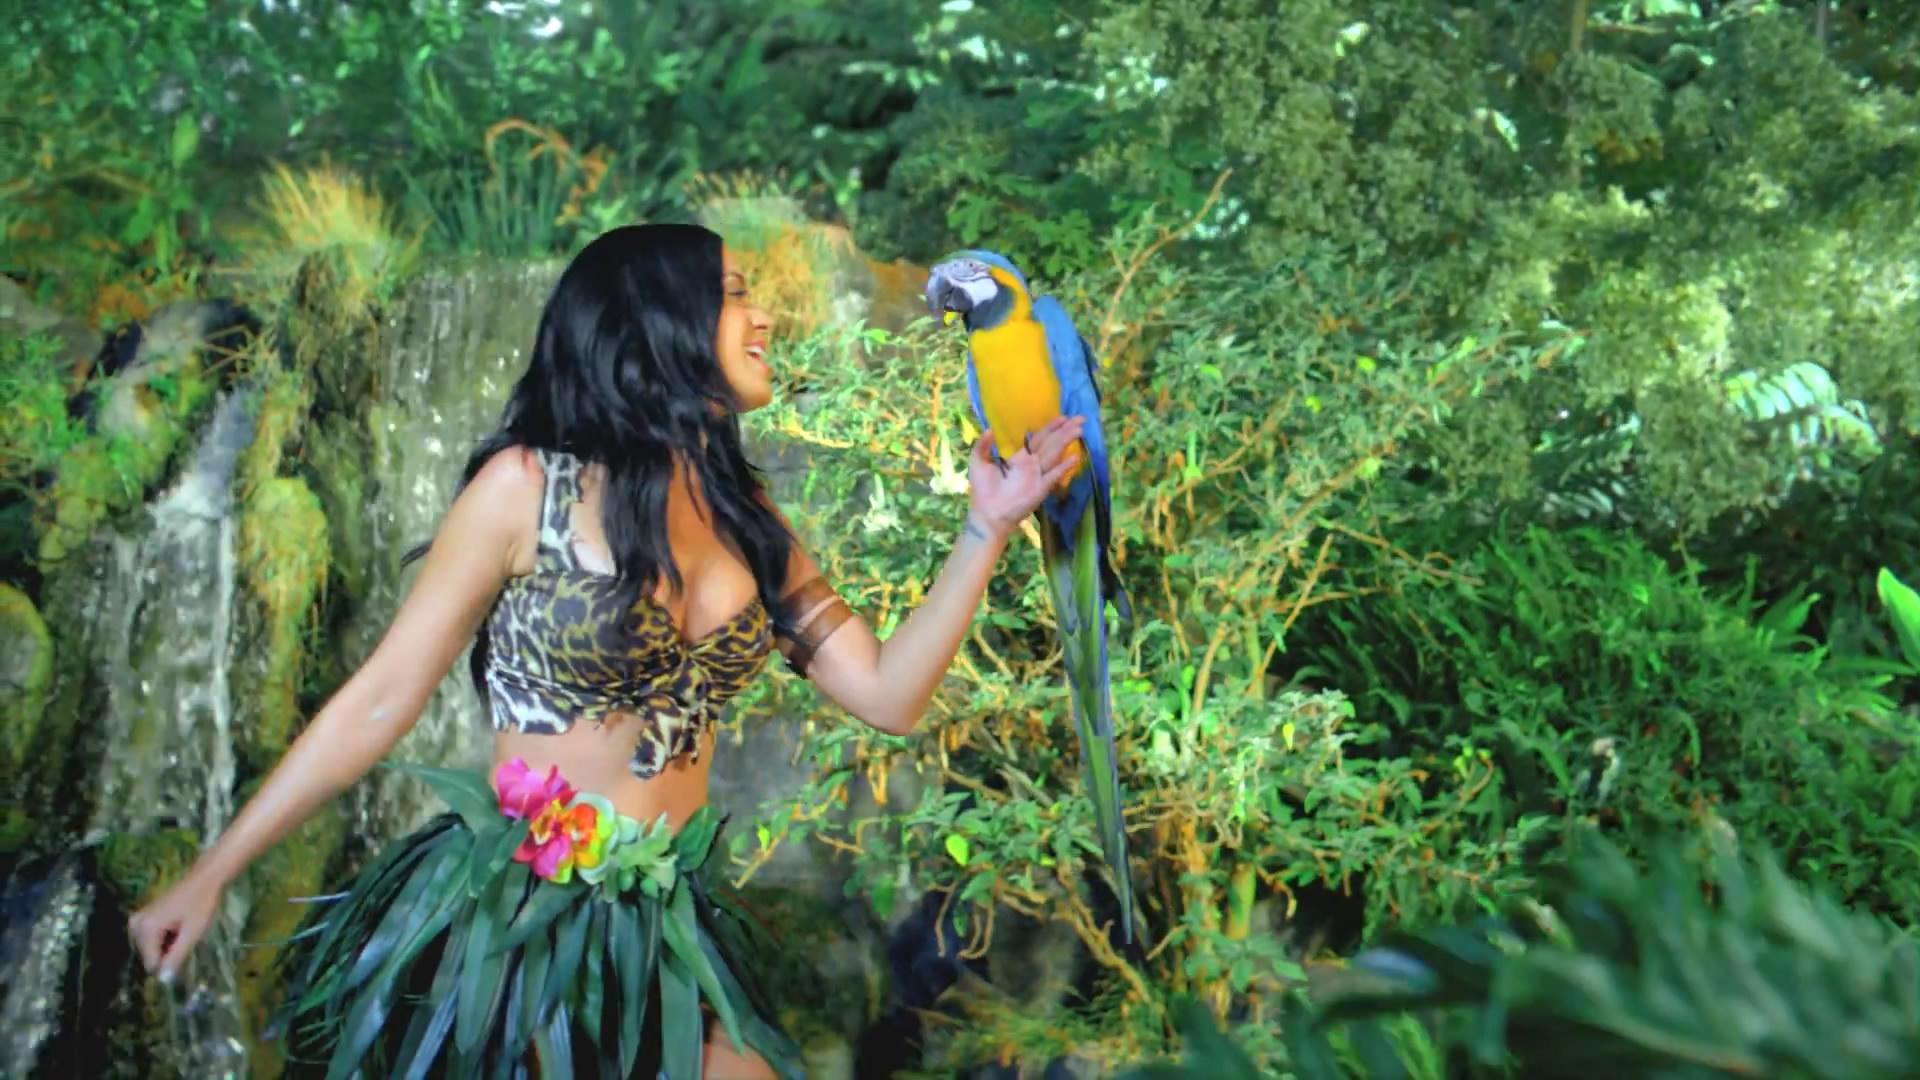 Katy-Perry-Roar-Music-Video-HD--29